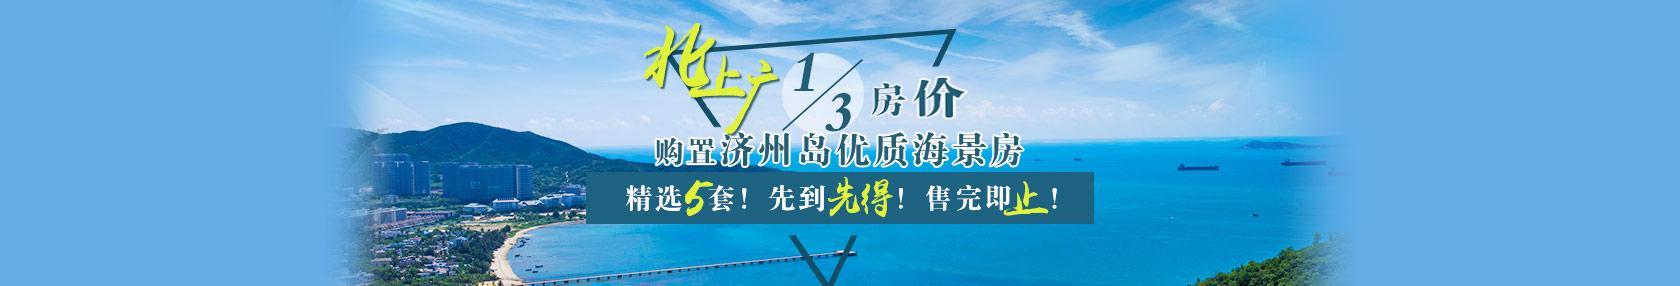 【房源】环球韩国济州岛一线海景房,精选5套!先到先得!售完即止!